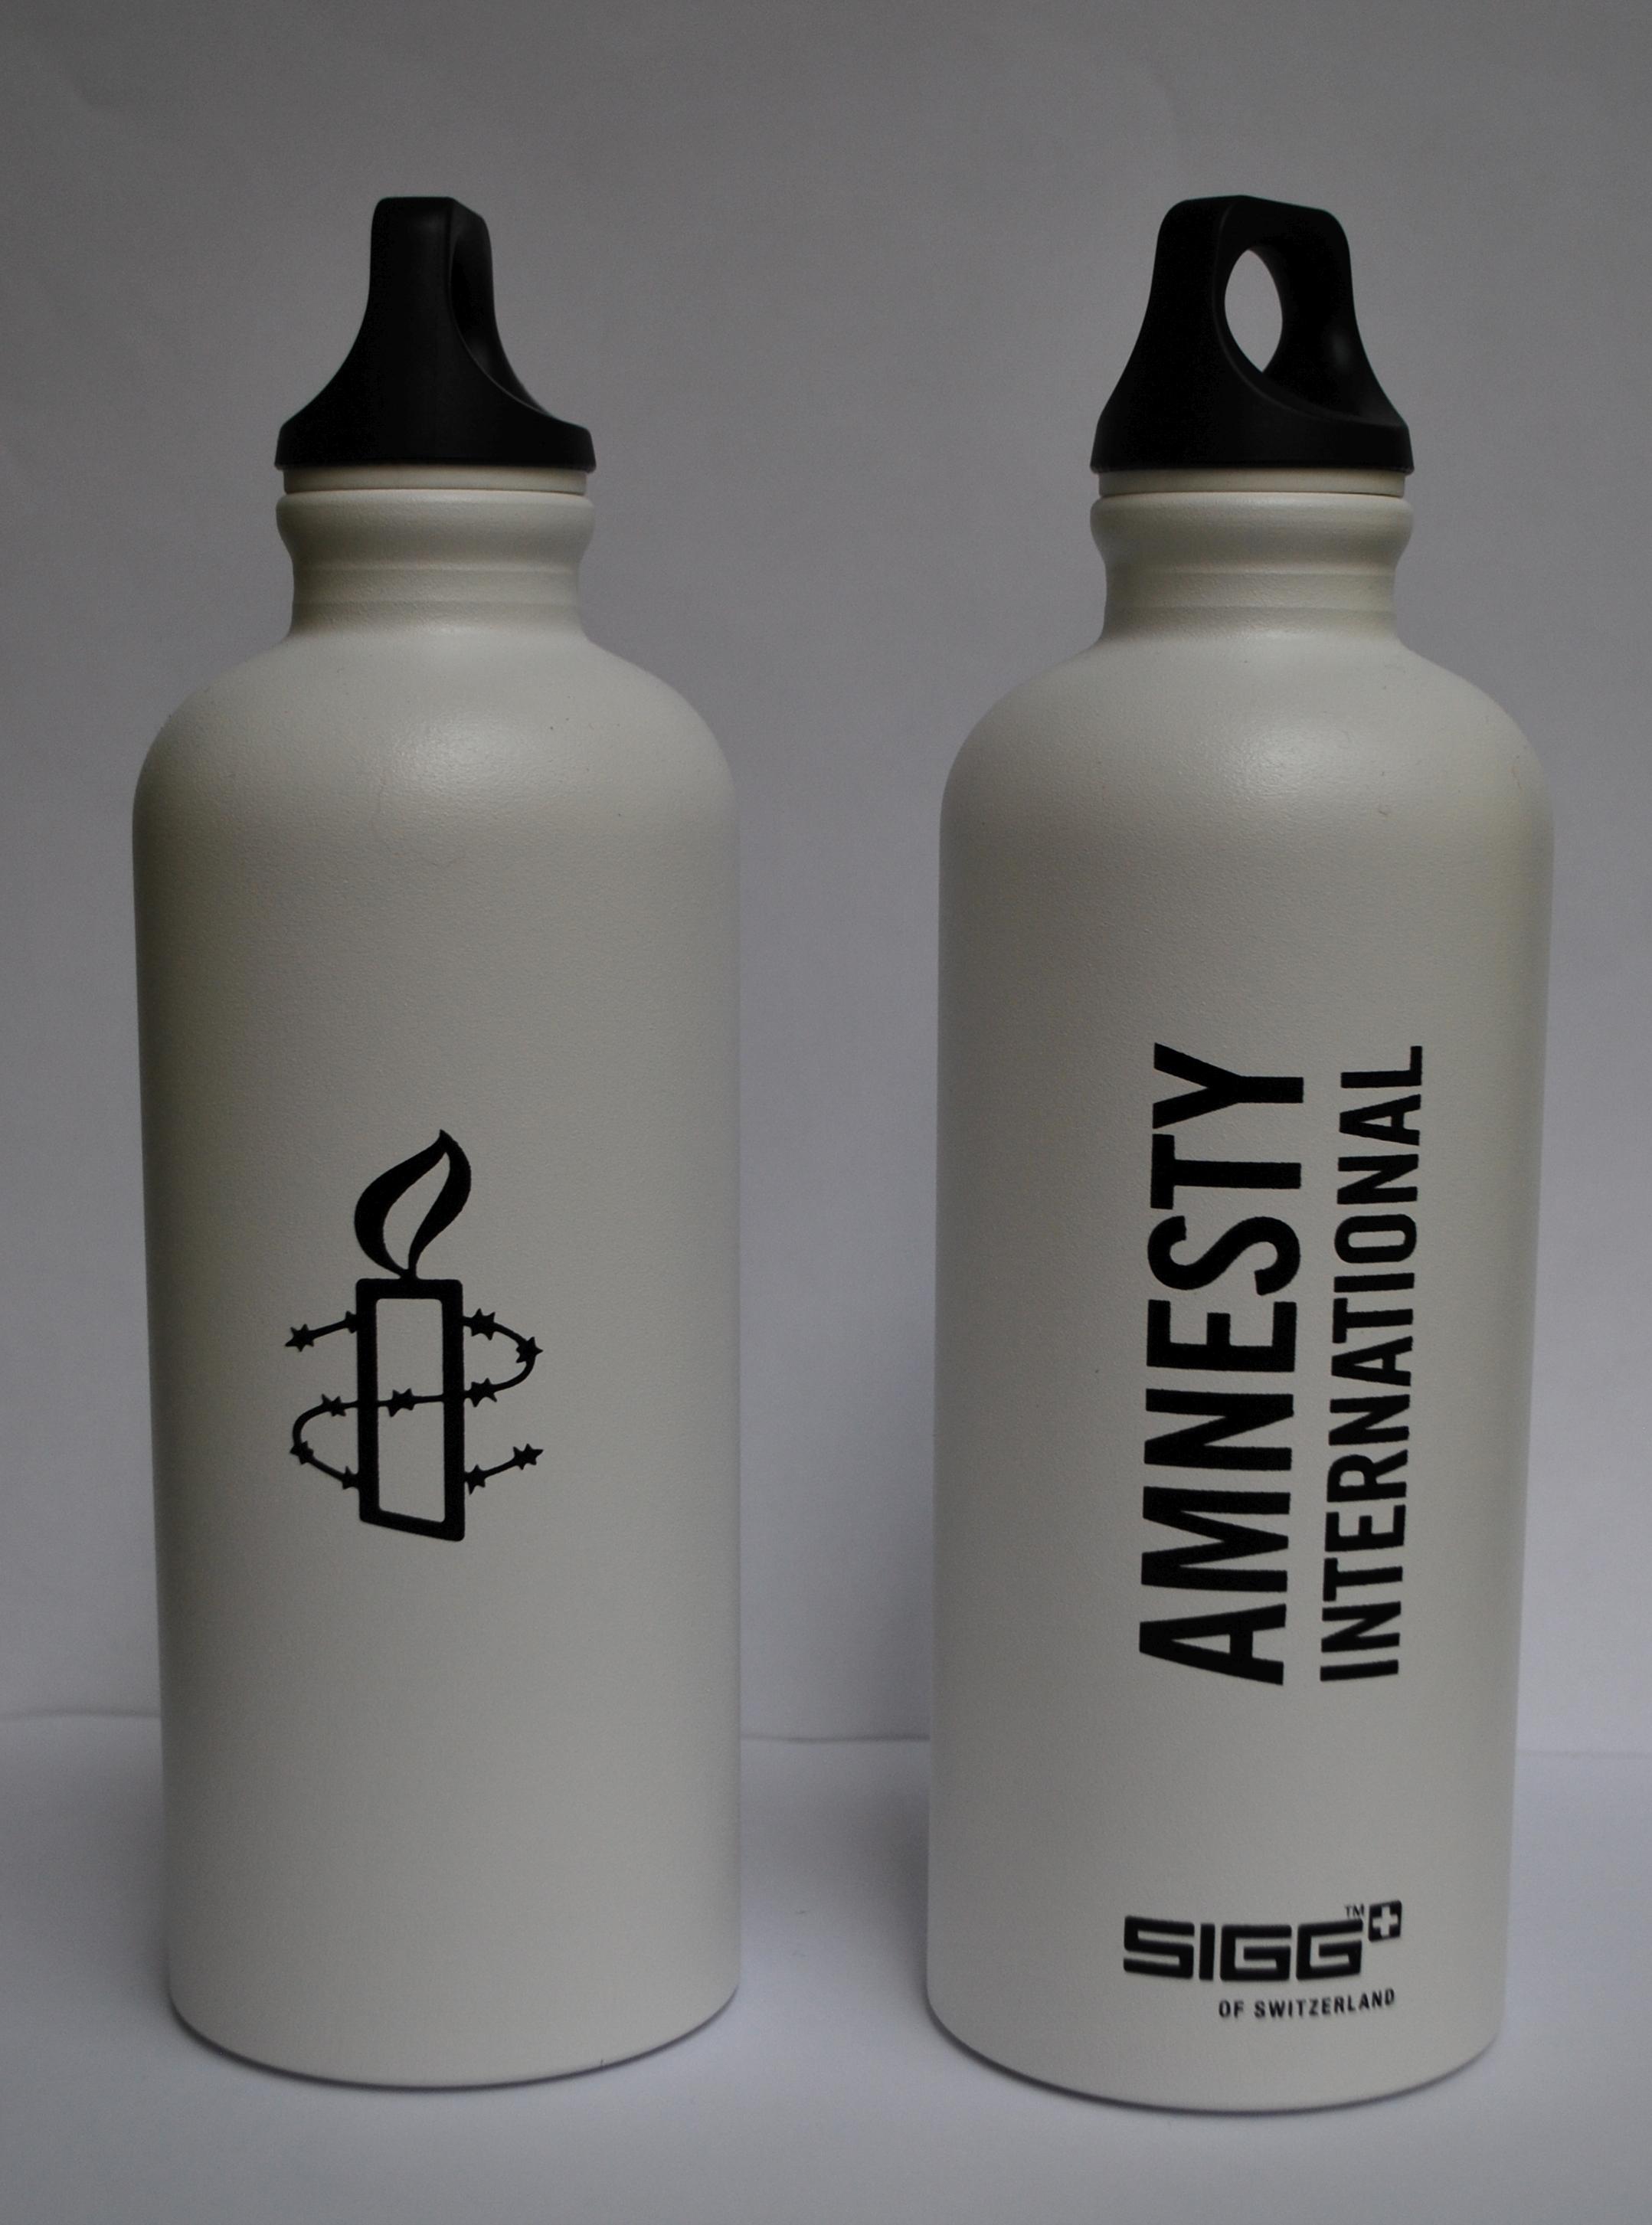 SIGG-Flasche weiss